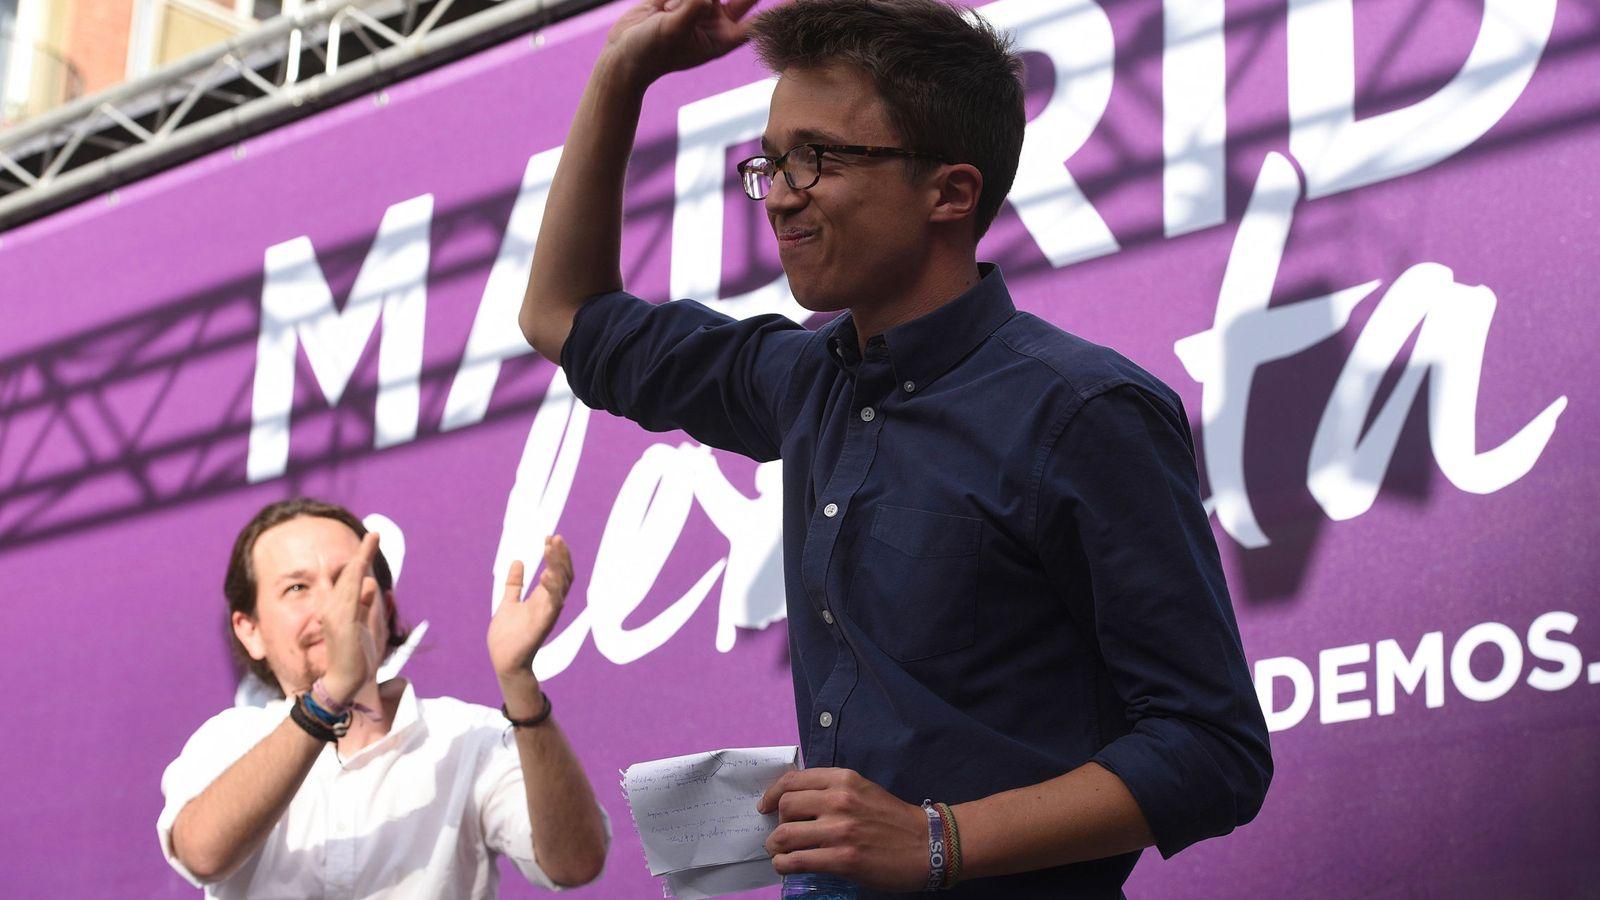 Foto: Los dirigentes de Podemos Pablo Iglesias e Íñigo Errejón, durante un acto del partido en Madrid. (EFE)